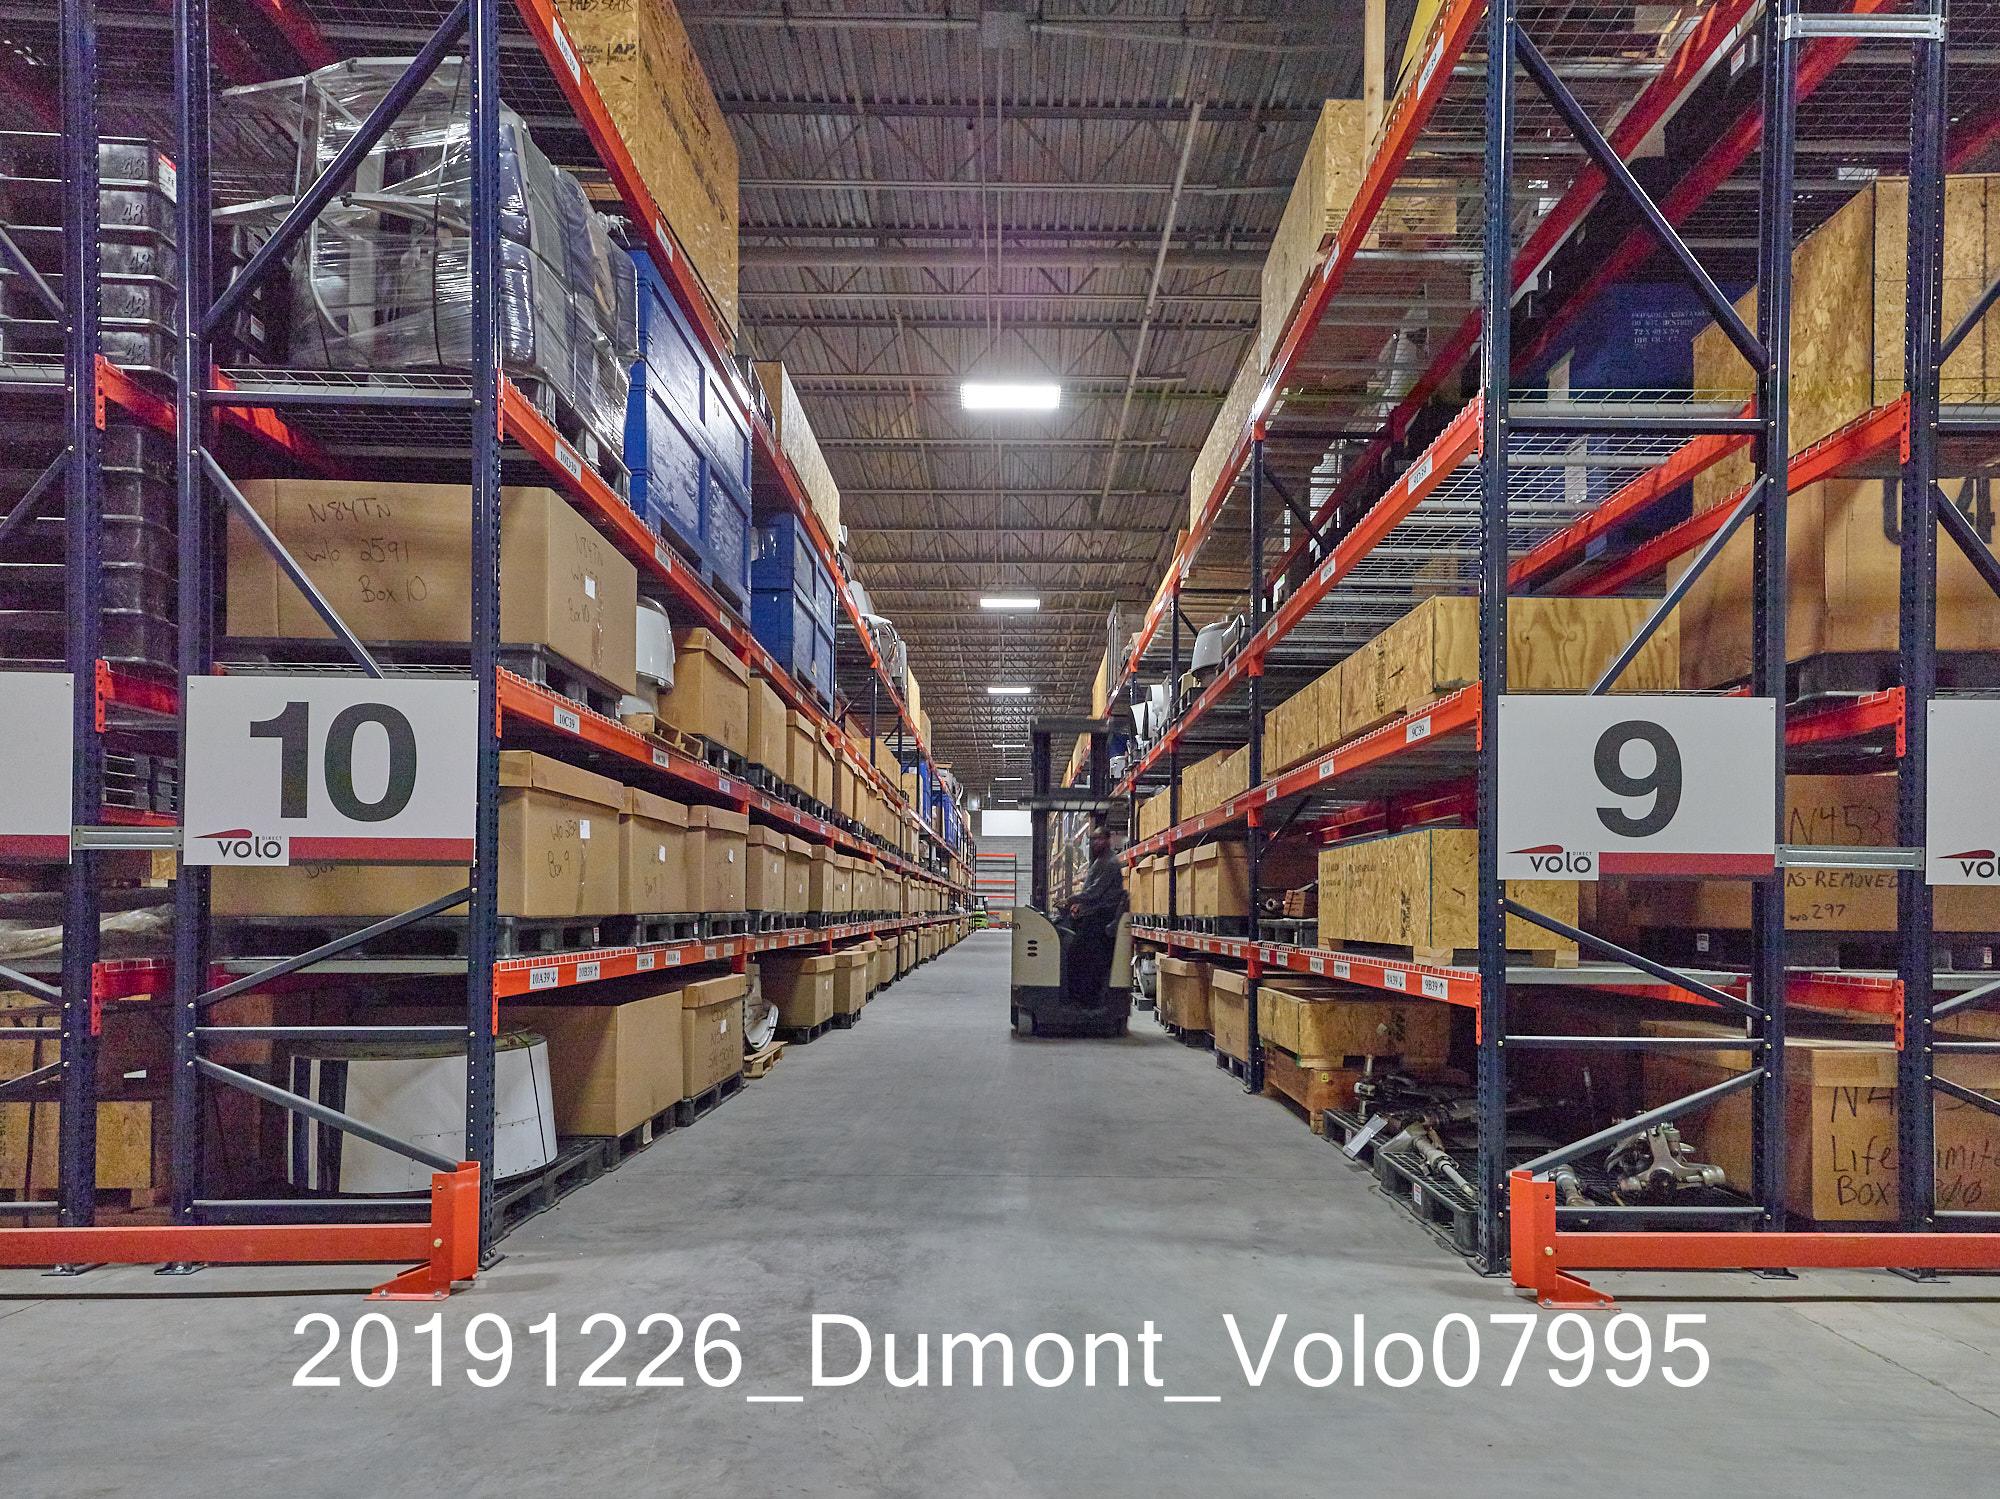 20191226_Dumont_Volo07995.jpg